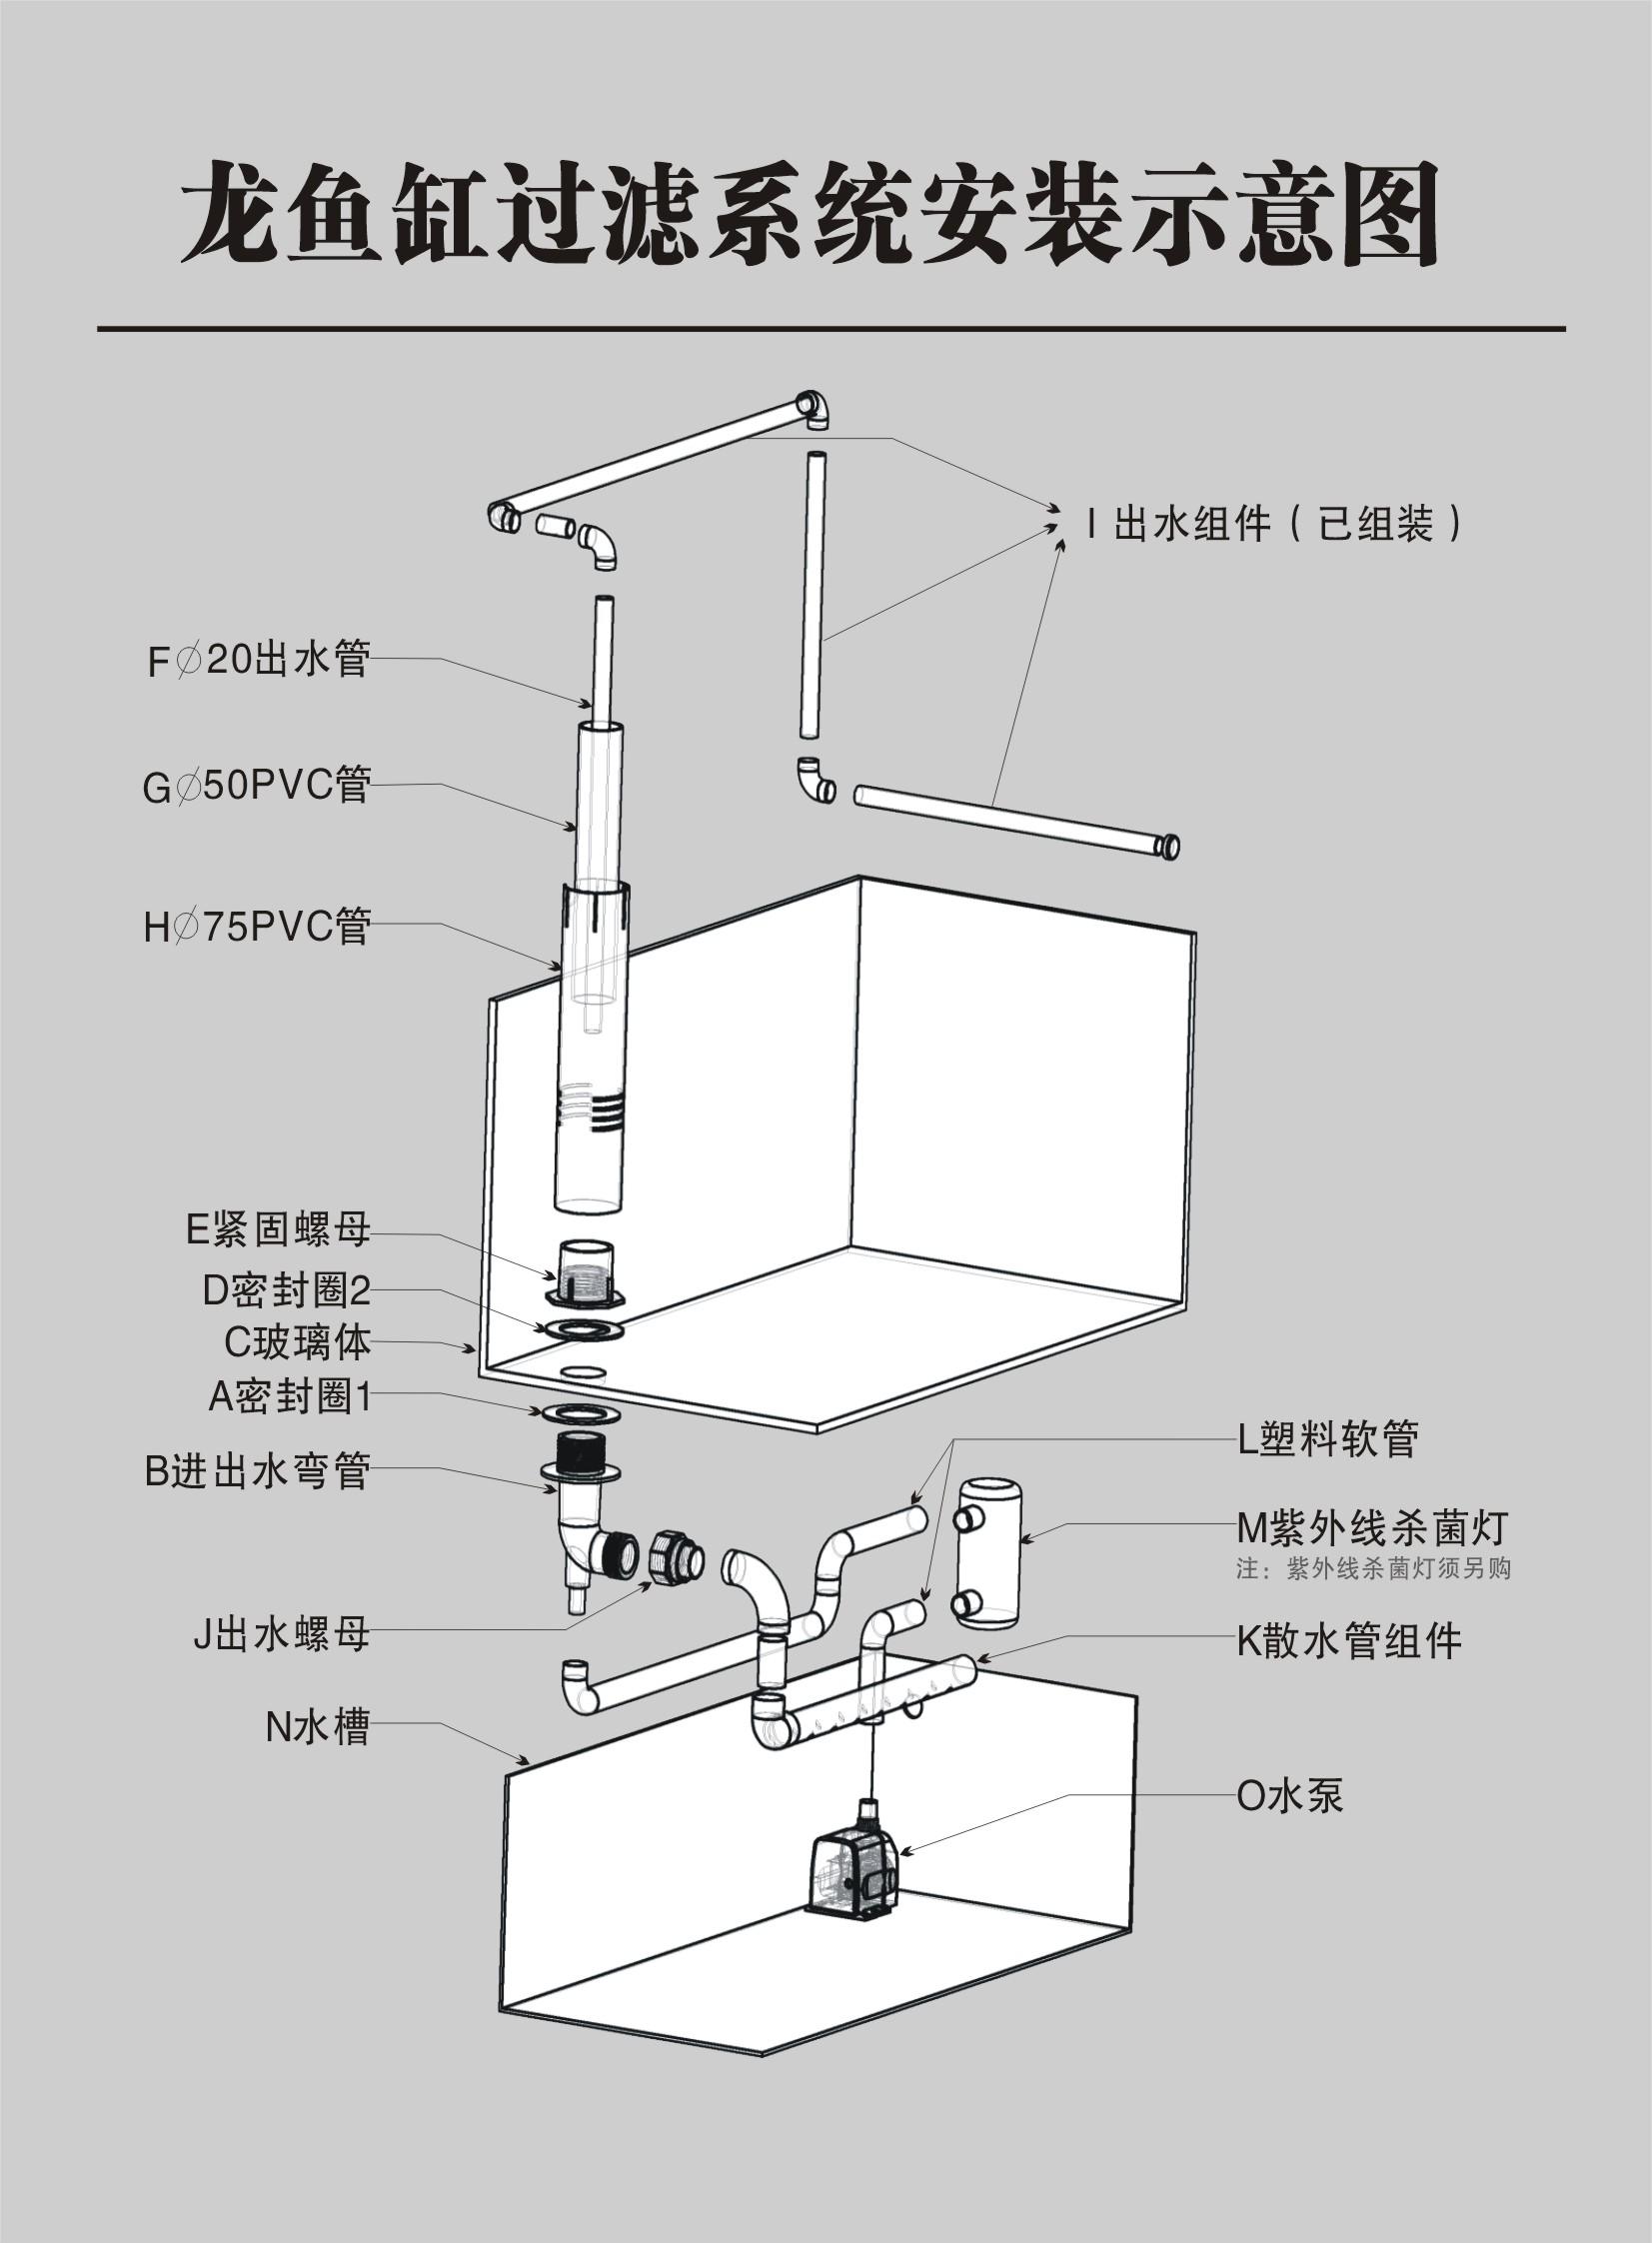 你這款龍魚缸是上過濾的吧,寬度是350mm的,安裝起來應該不是很難,頂部圖片